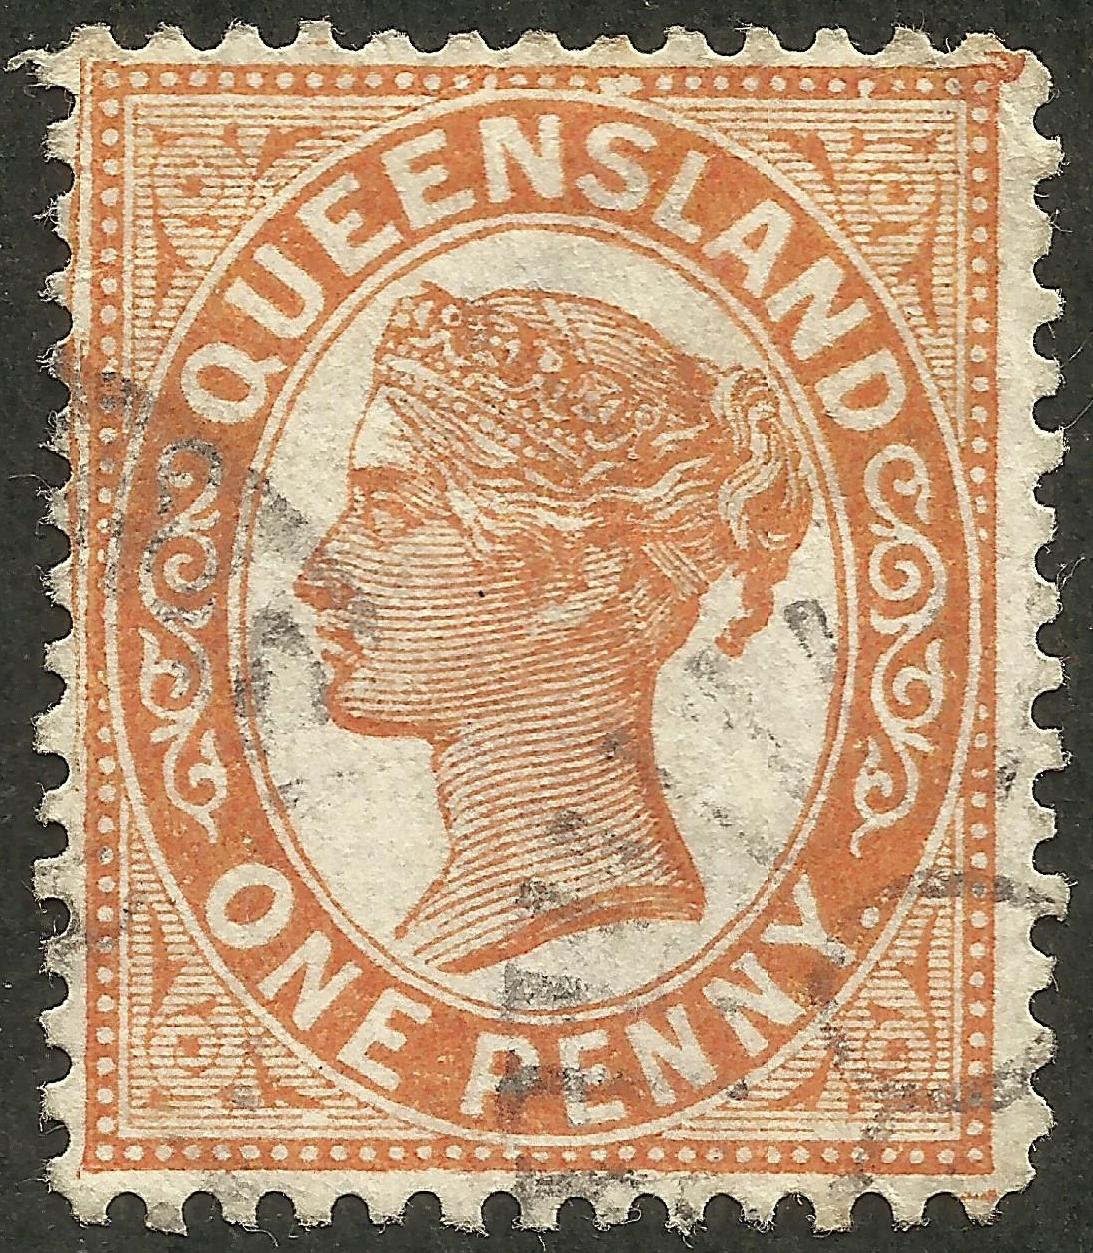 Queensland - Scott #90 (1890)